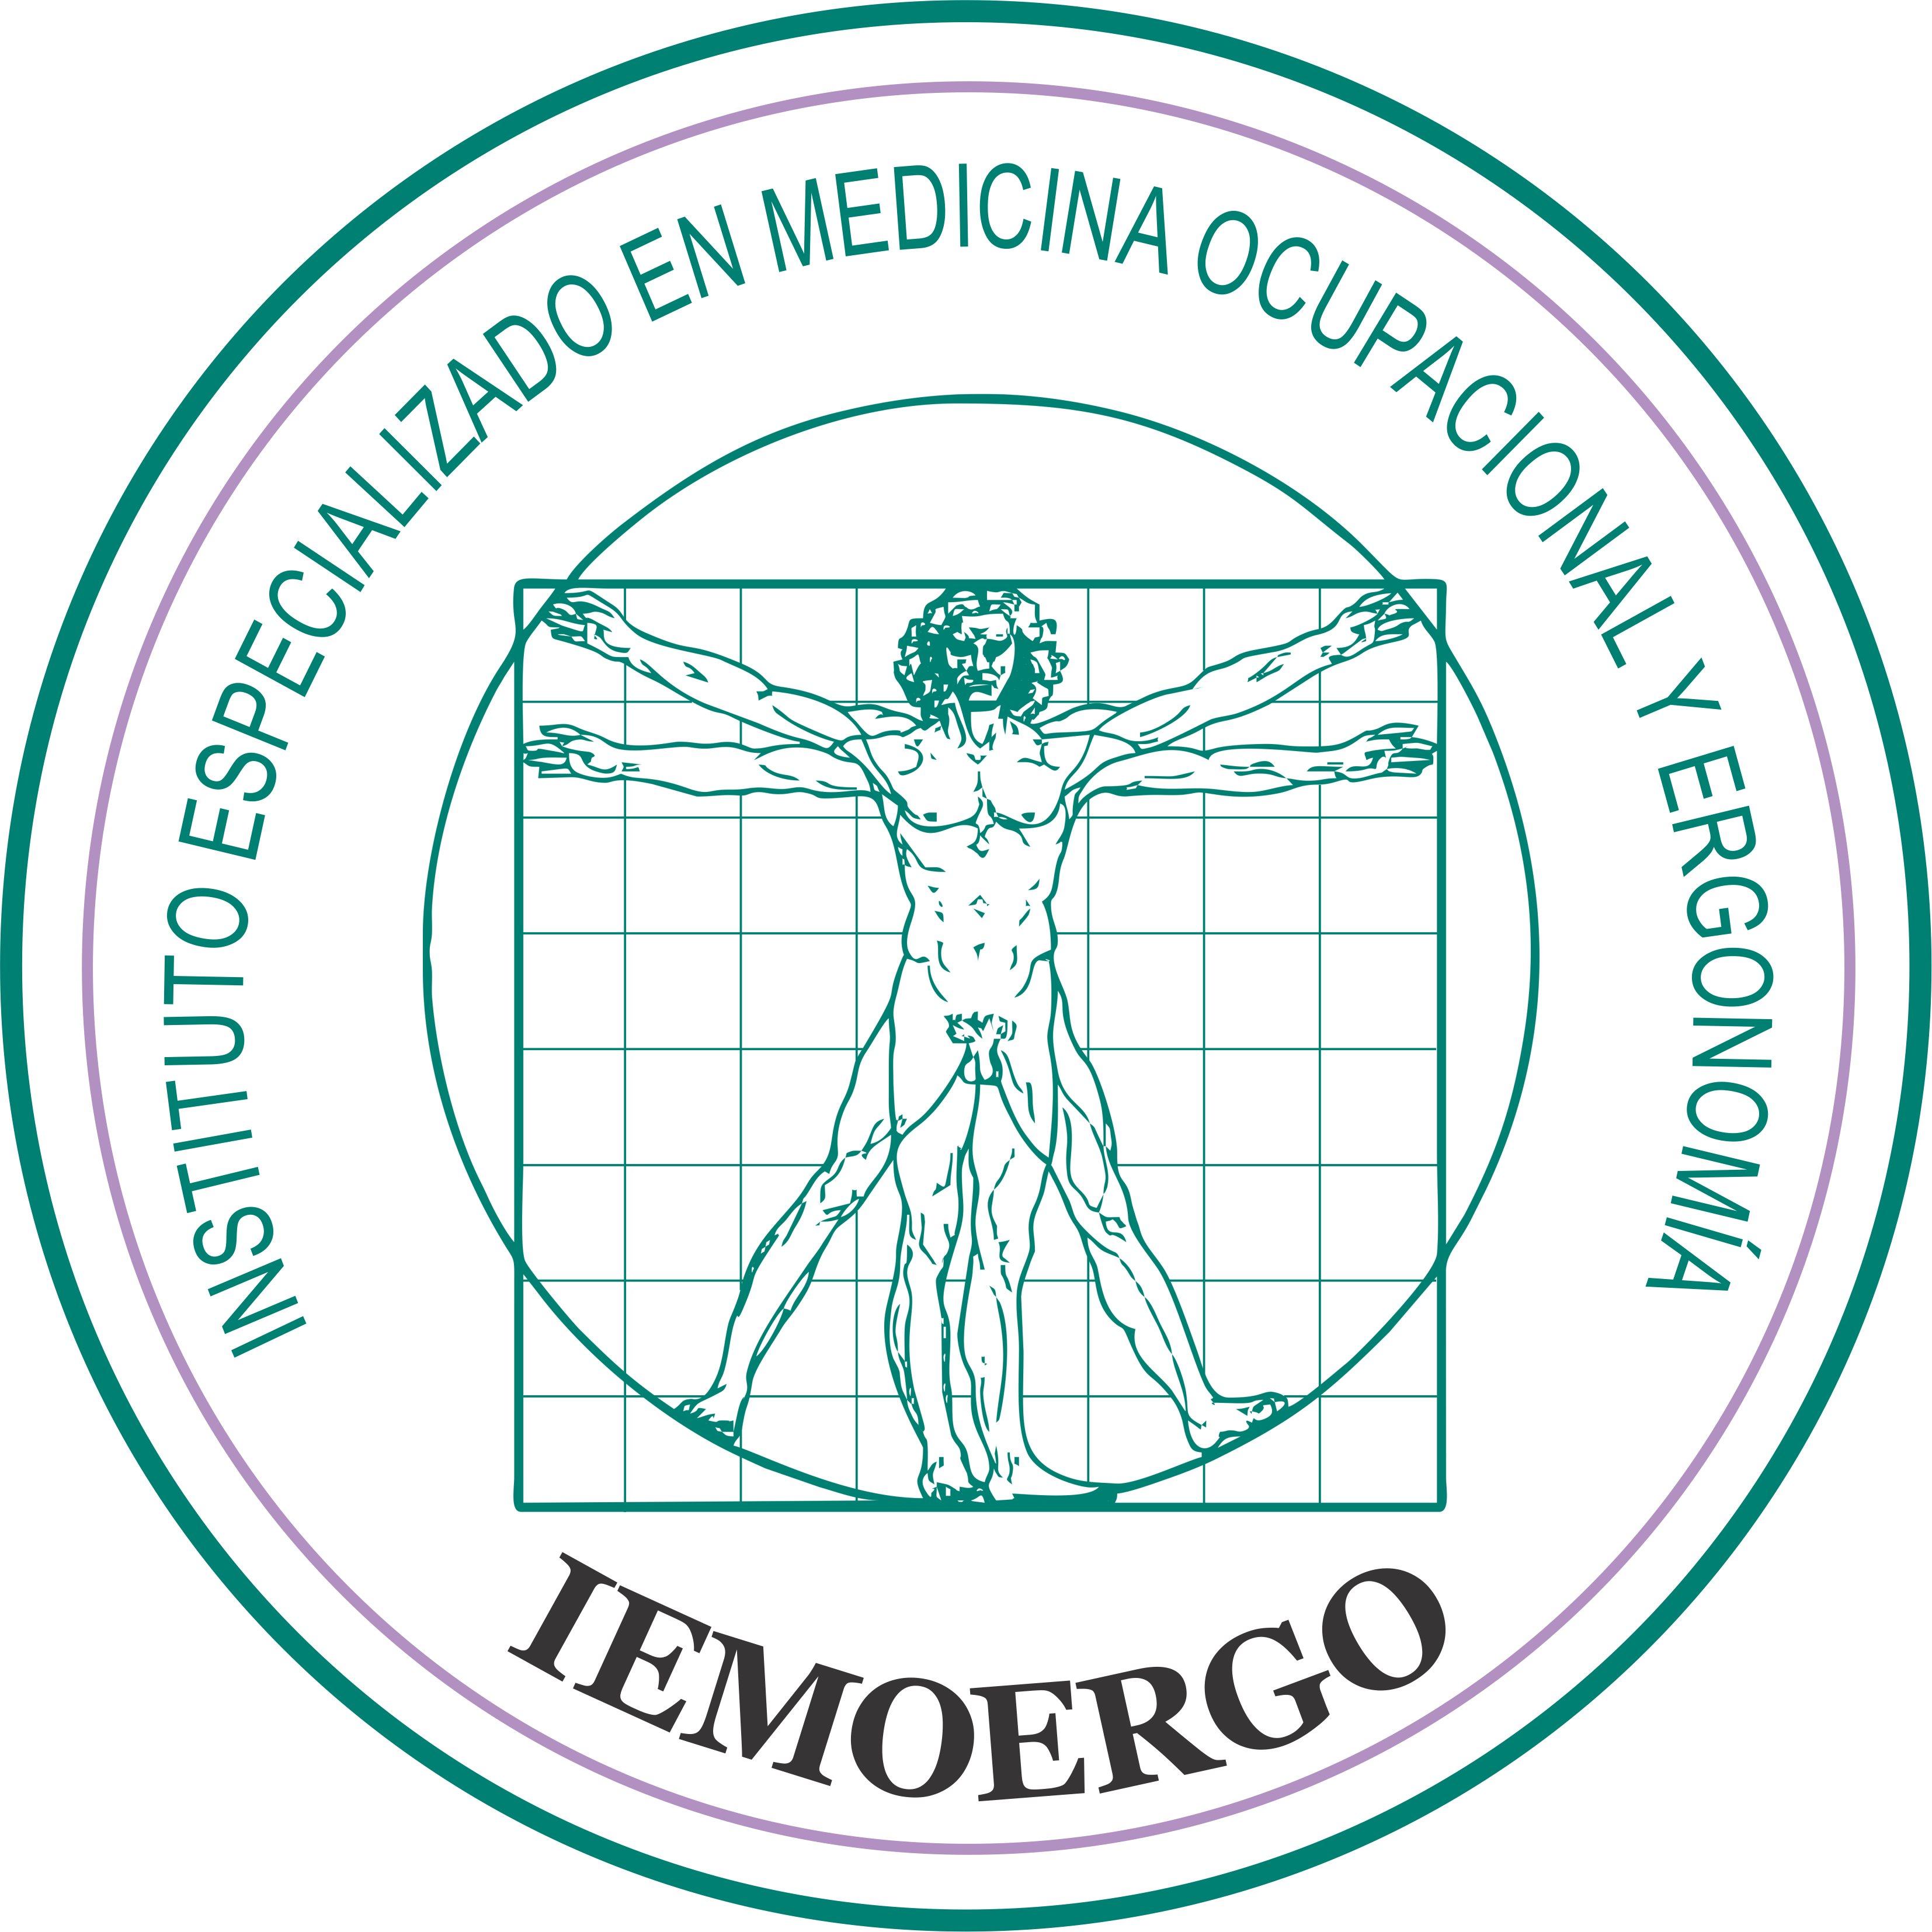 IEMOERGO E.I.R.L.